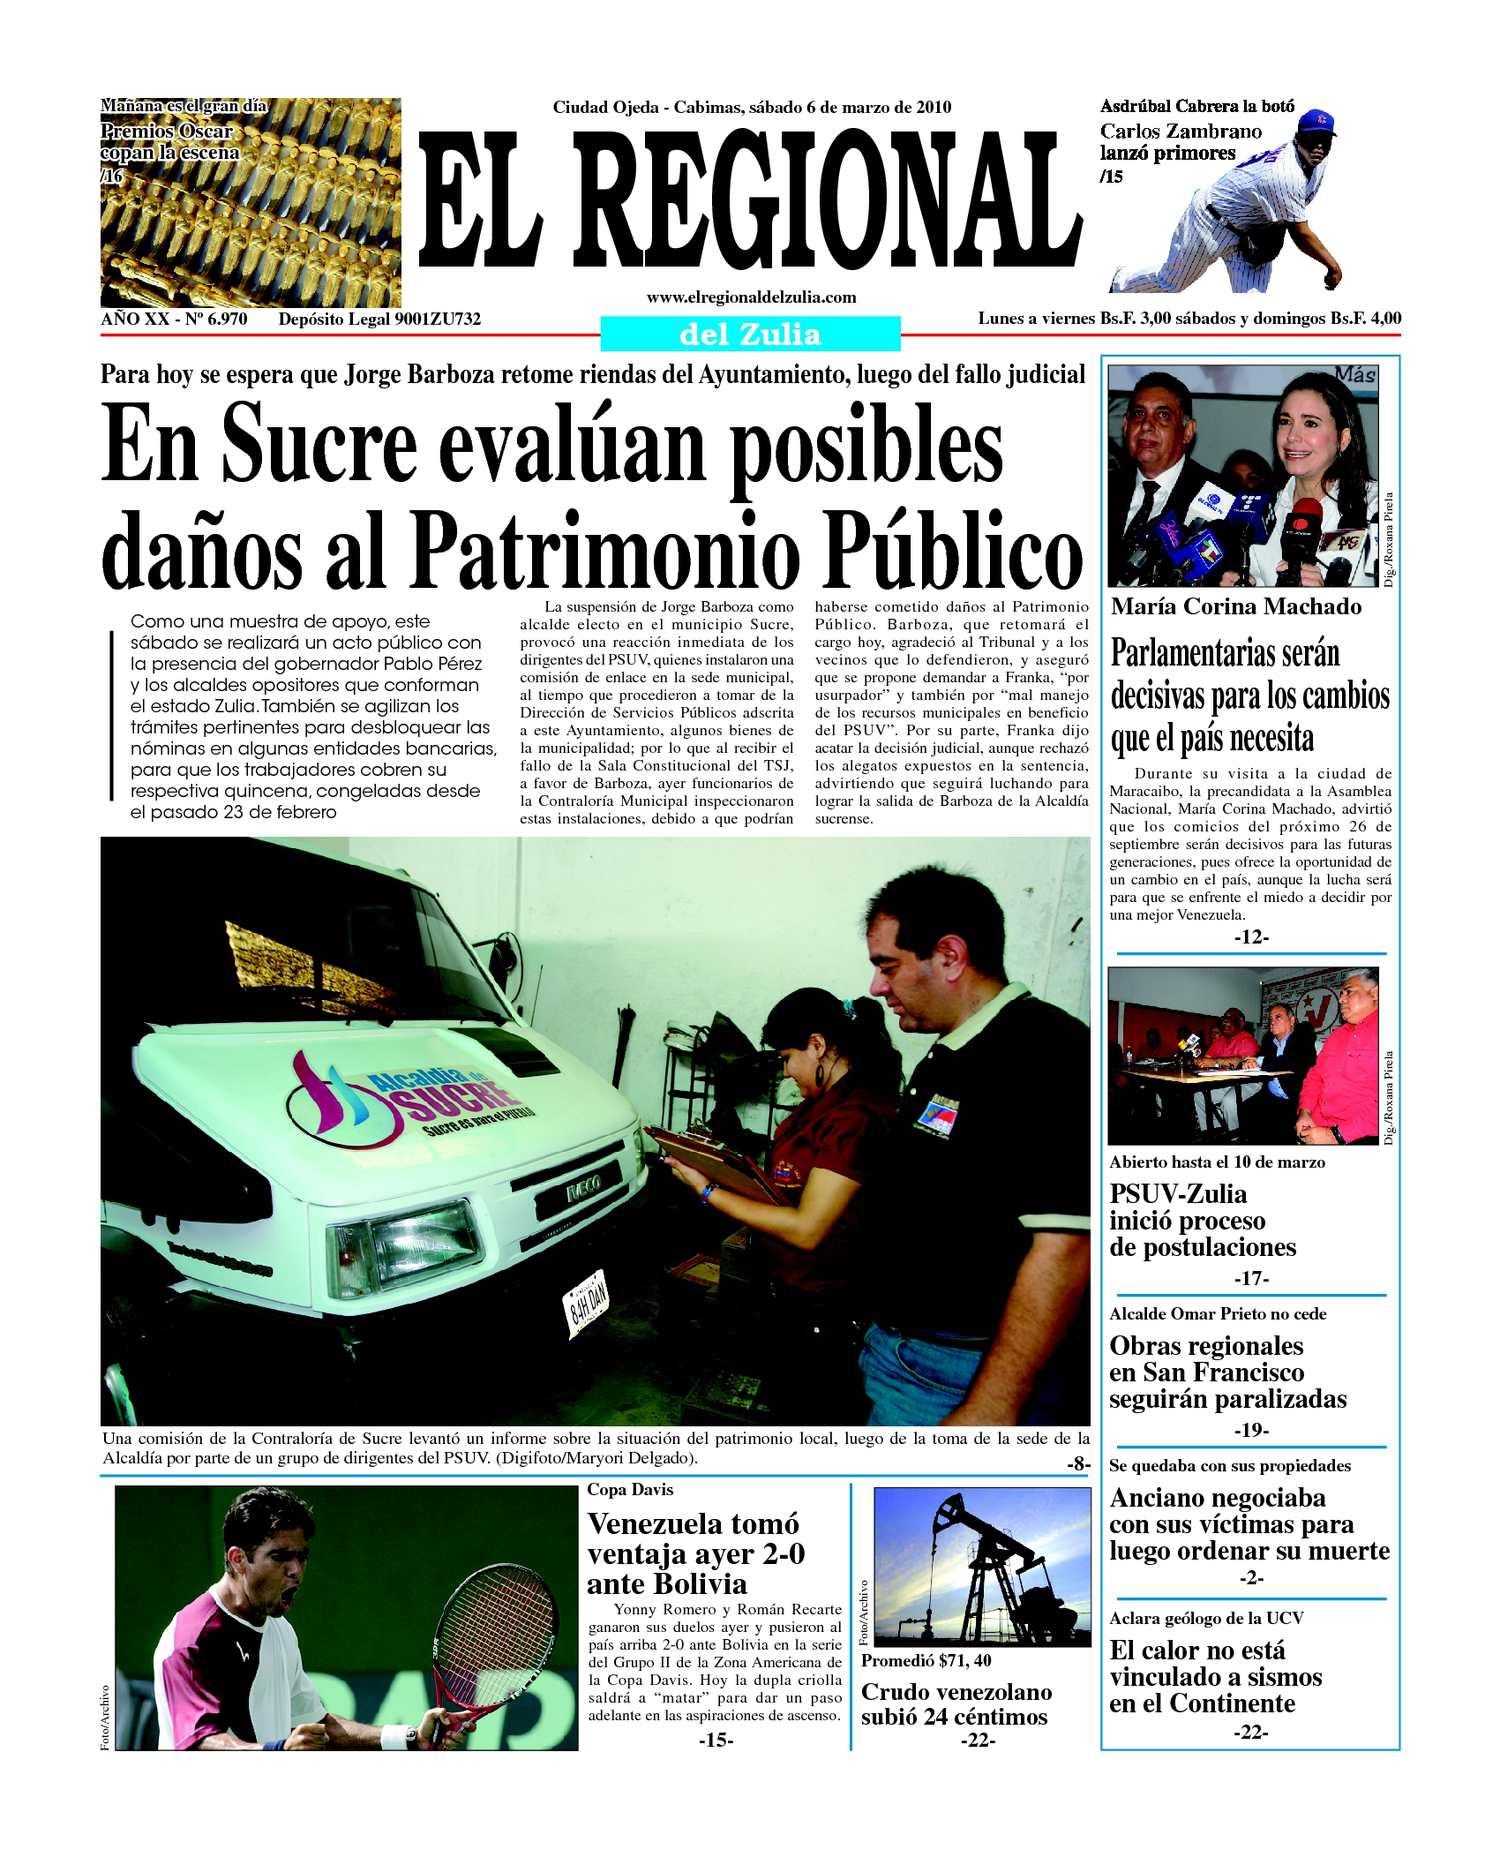 El Regional del Zulia | 06-03-2010